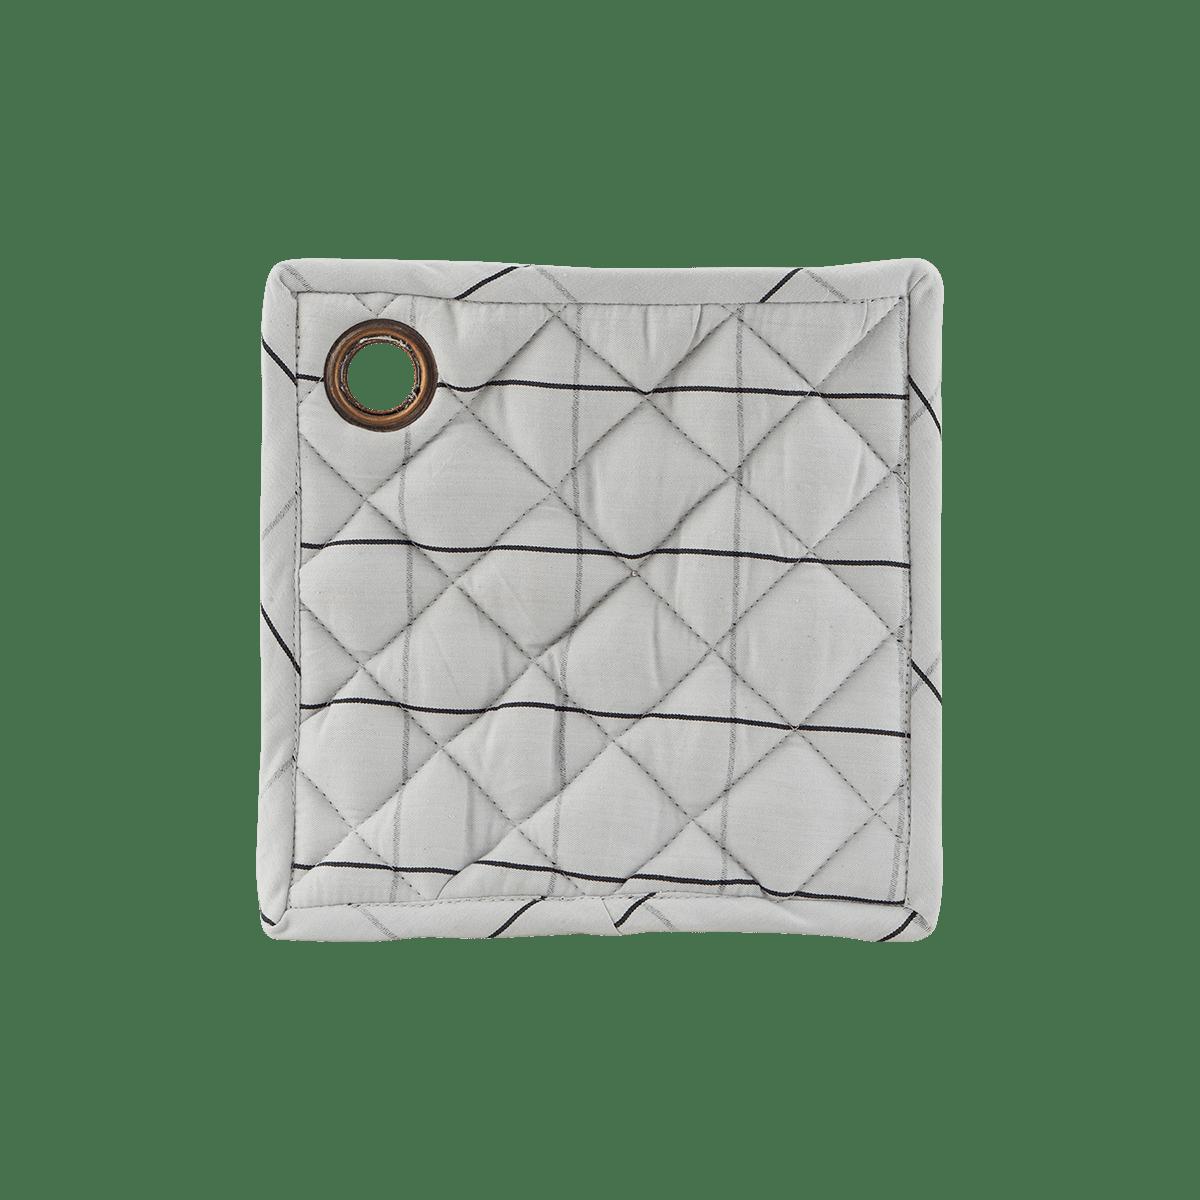 Bíločerná čtvercová chňapka Check - set 2 kusů